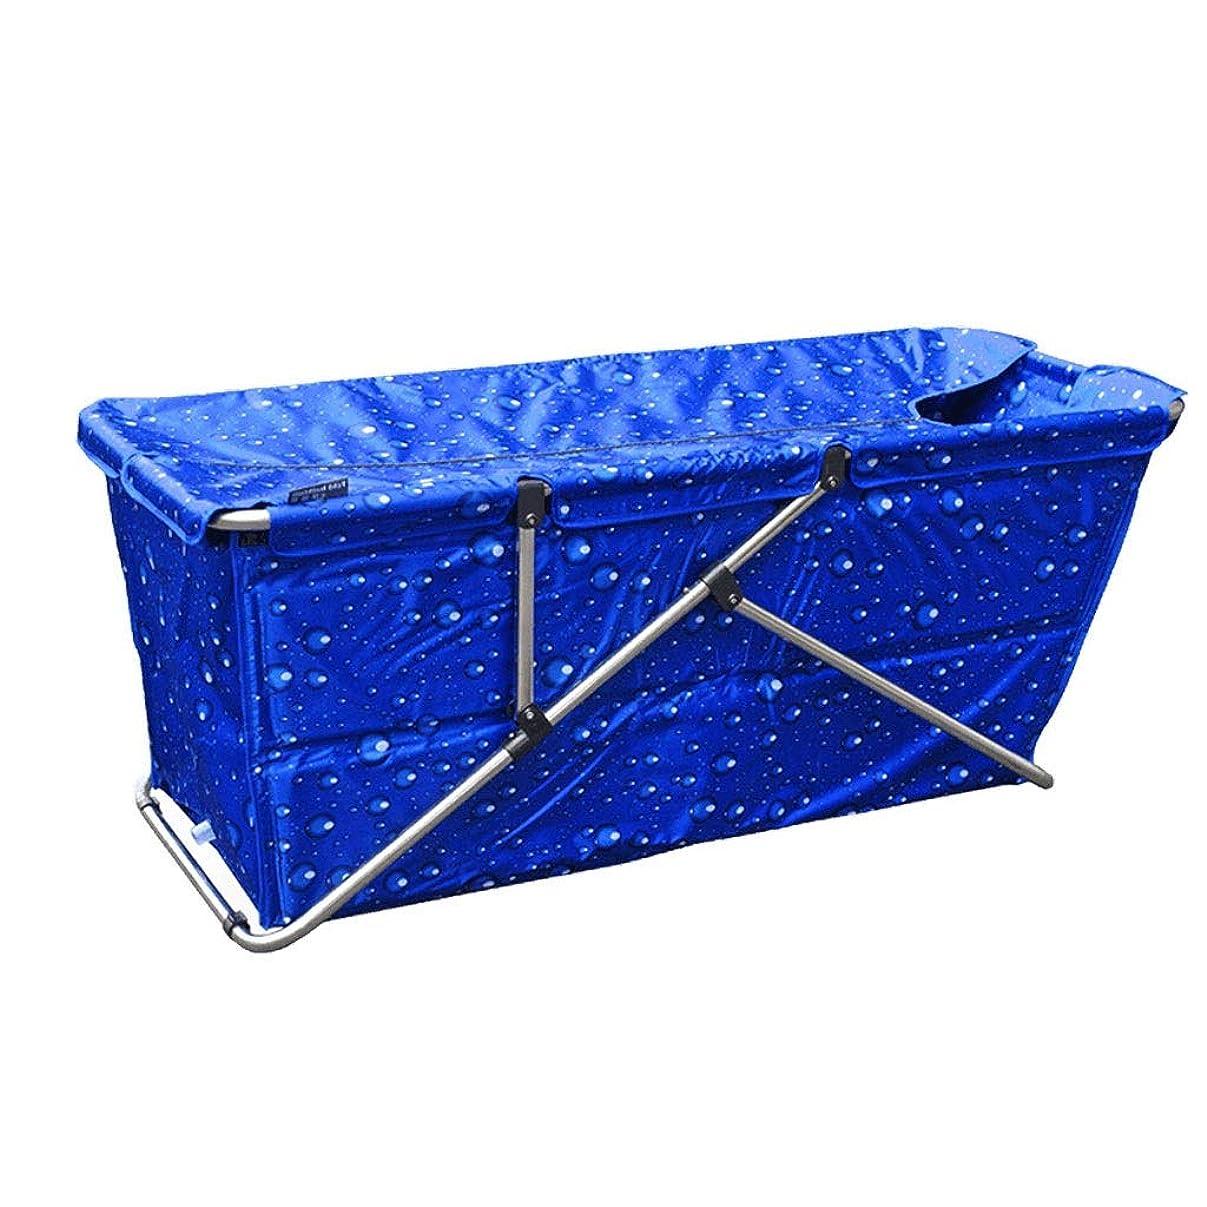 現象テクニカル領収書大人のための大きい折る浴槽、子供、携帯用非膨脹可能な浴槽の屋内個人用スパ、鉄骨、大人の浴室のための浸る浴槽のスパ、シャワーを拡張しなさい (色 : Blue bubble)